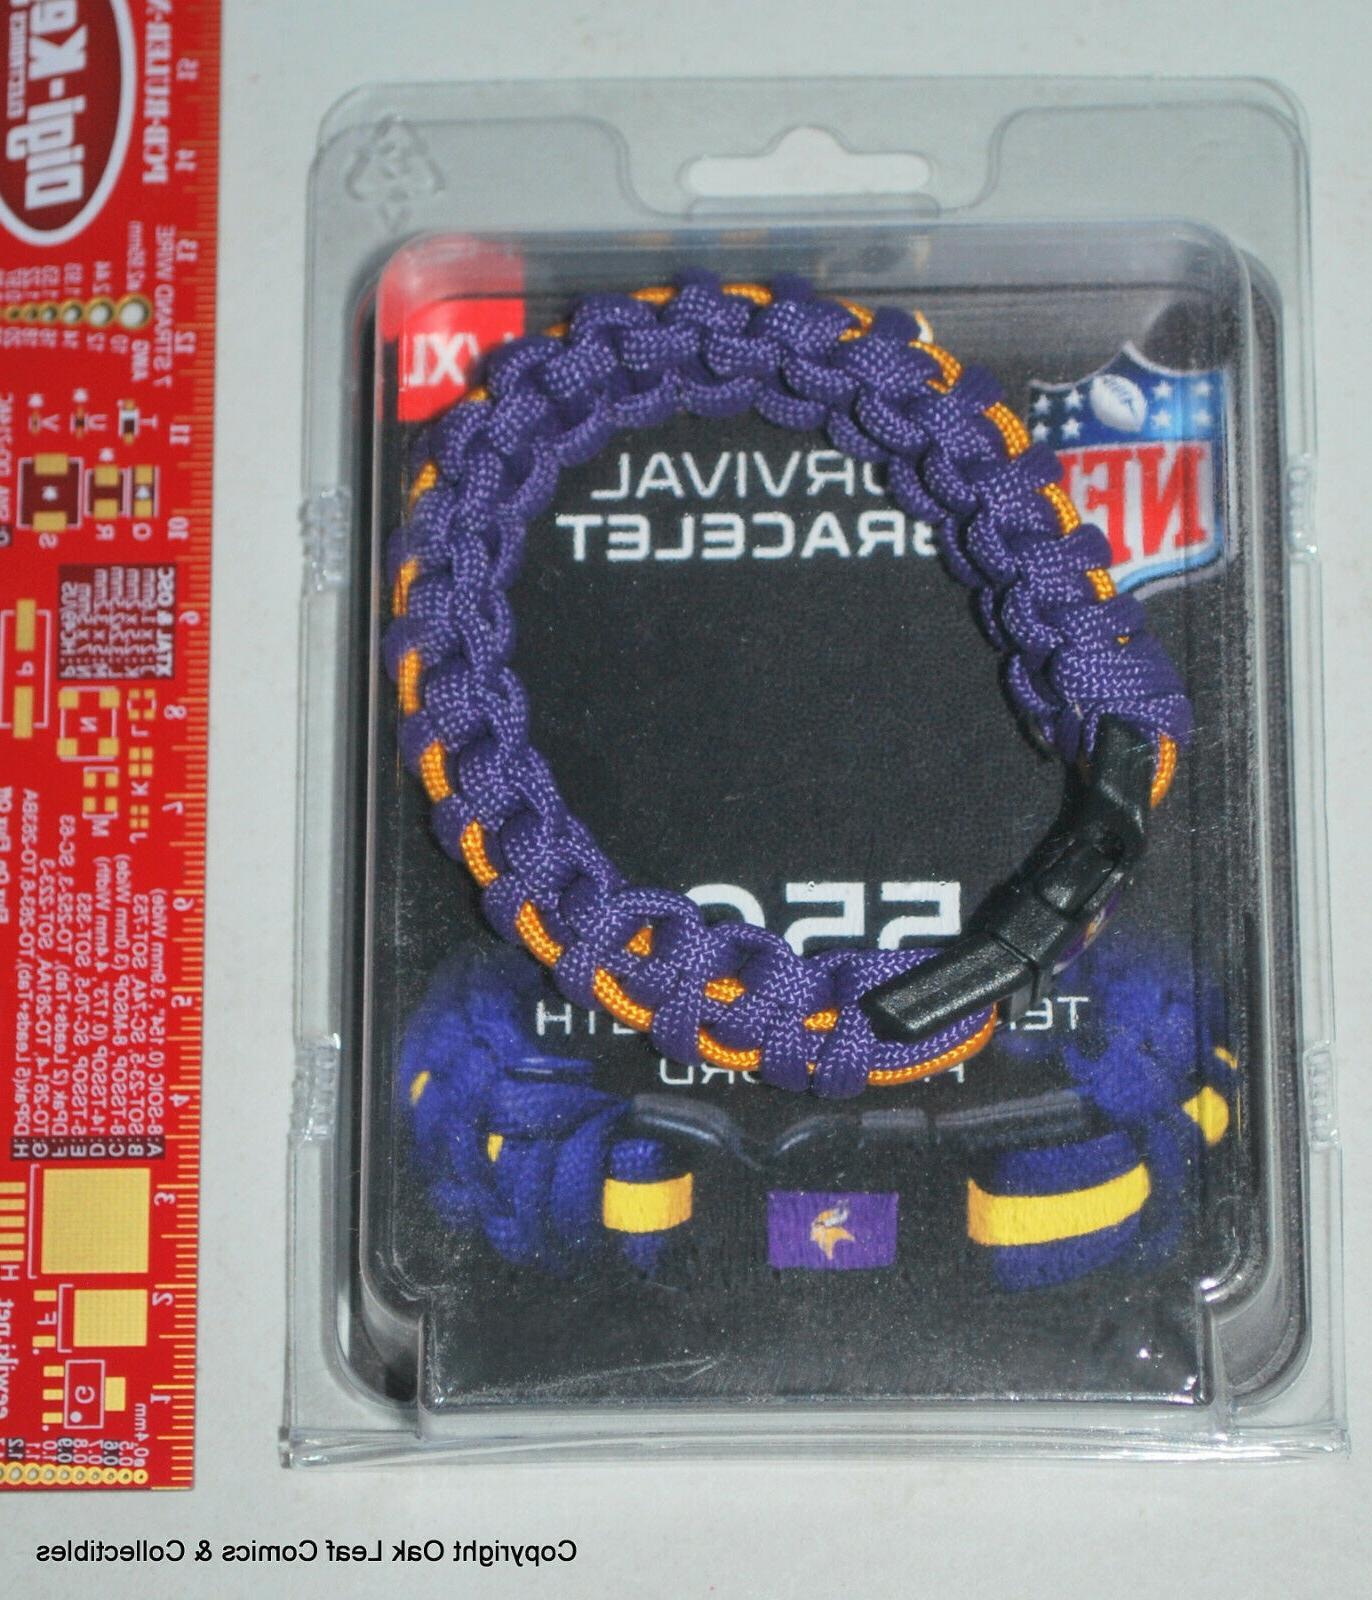 nfl minnesota vikings para cord bracelet survival